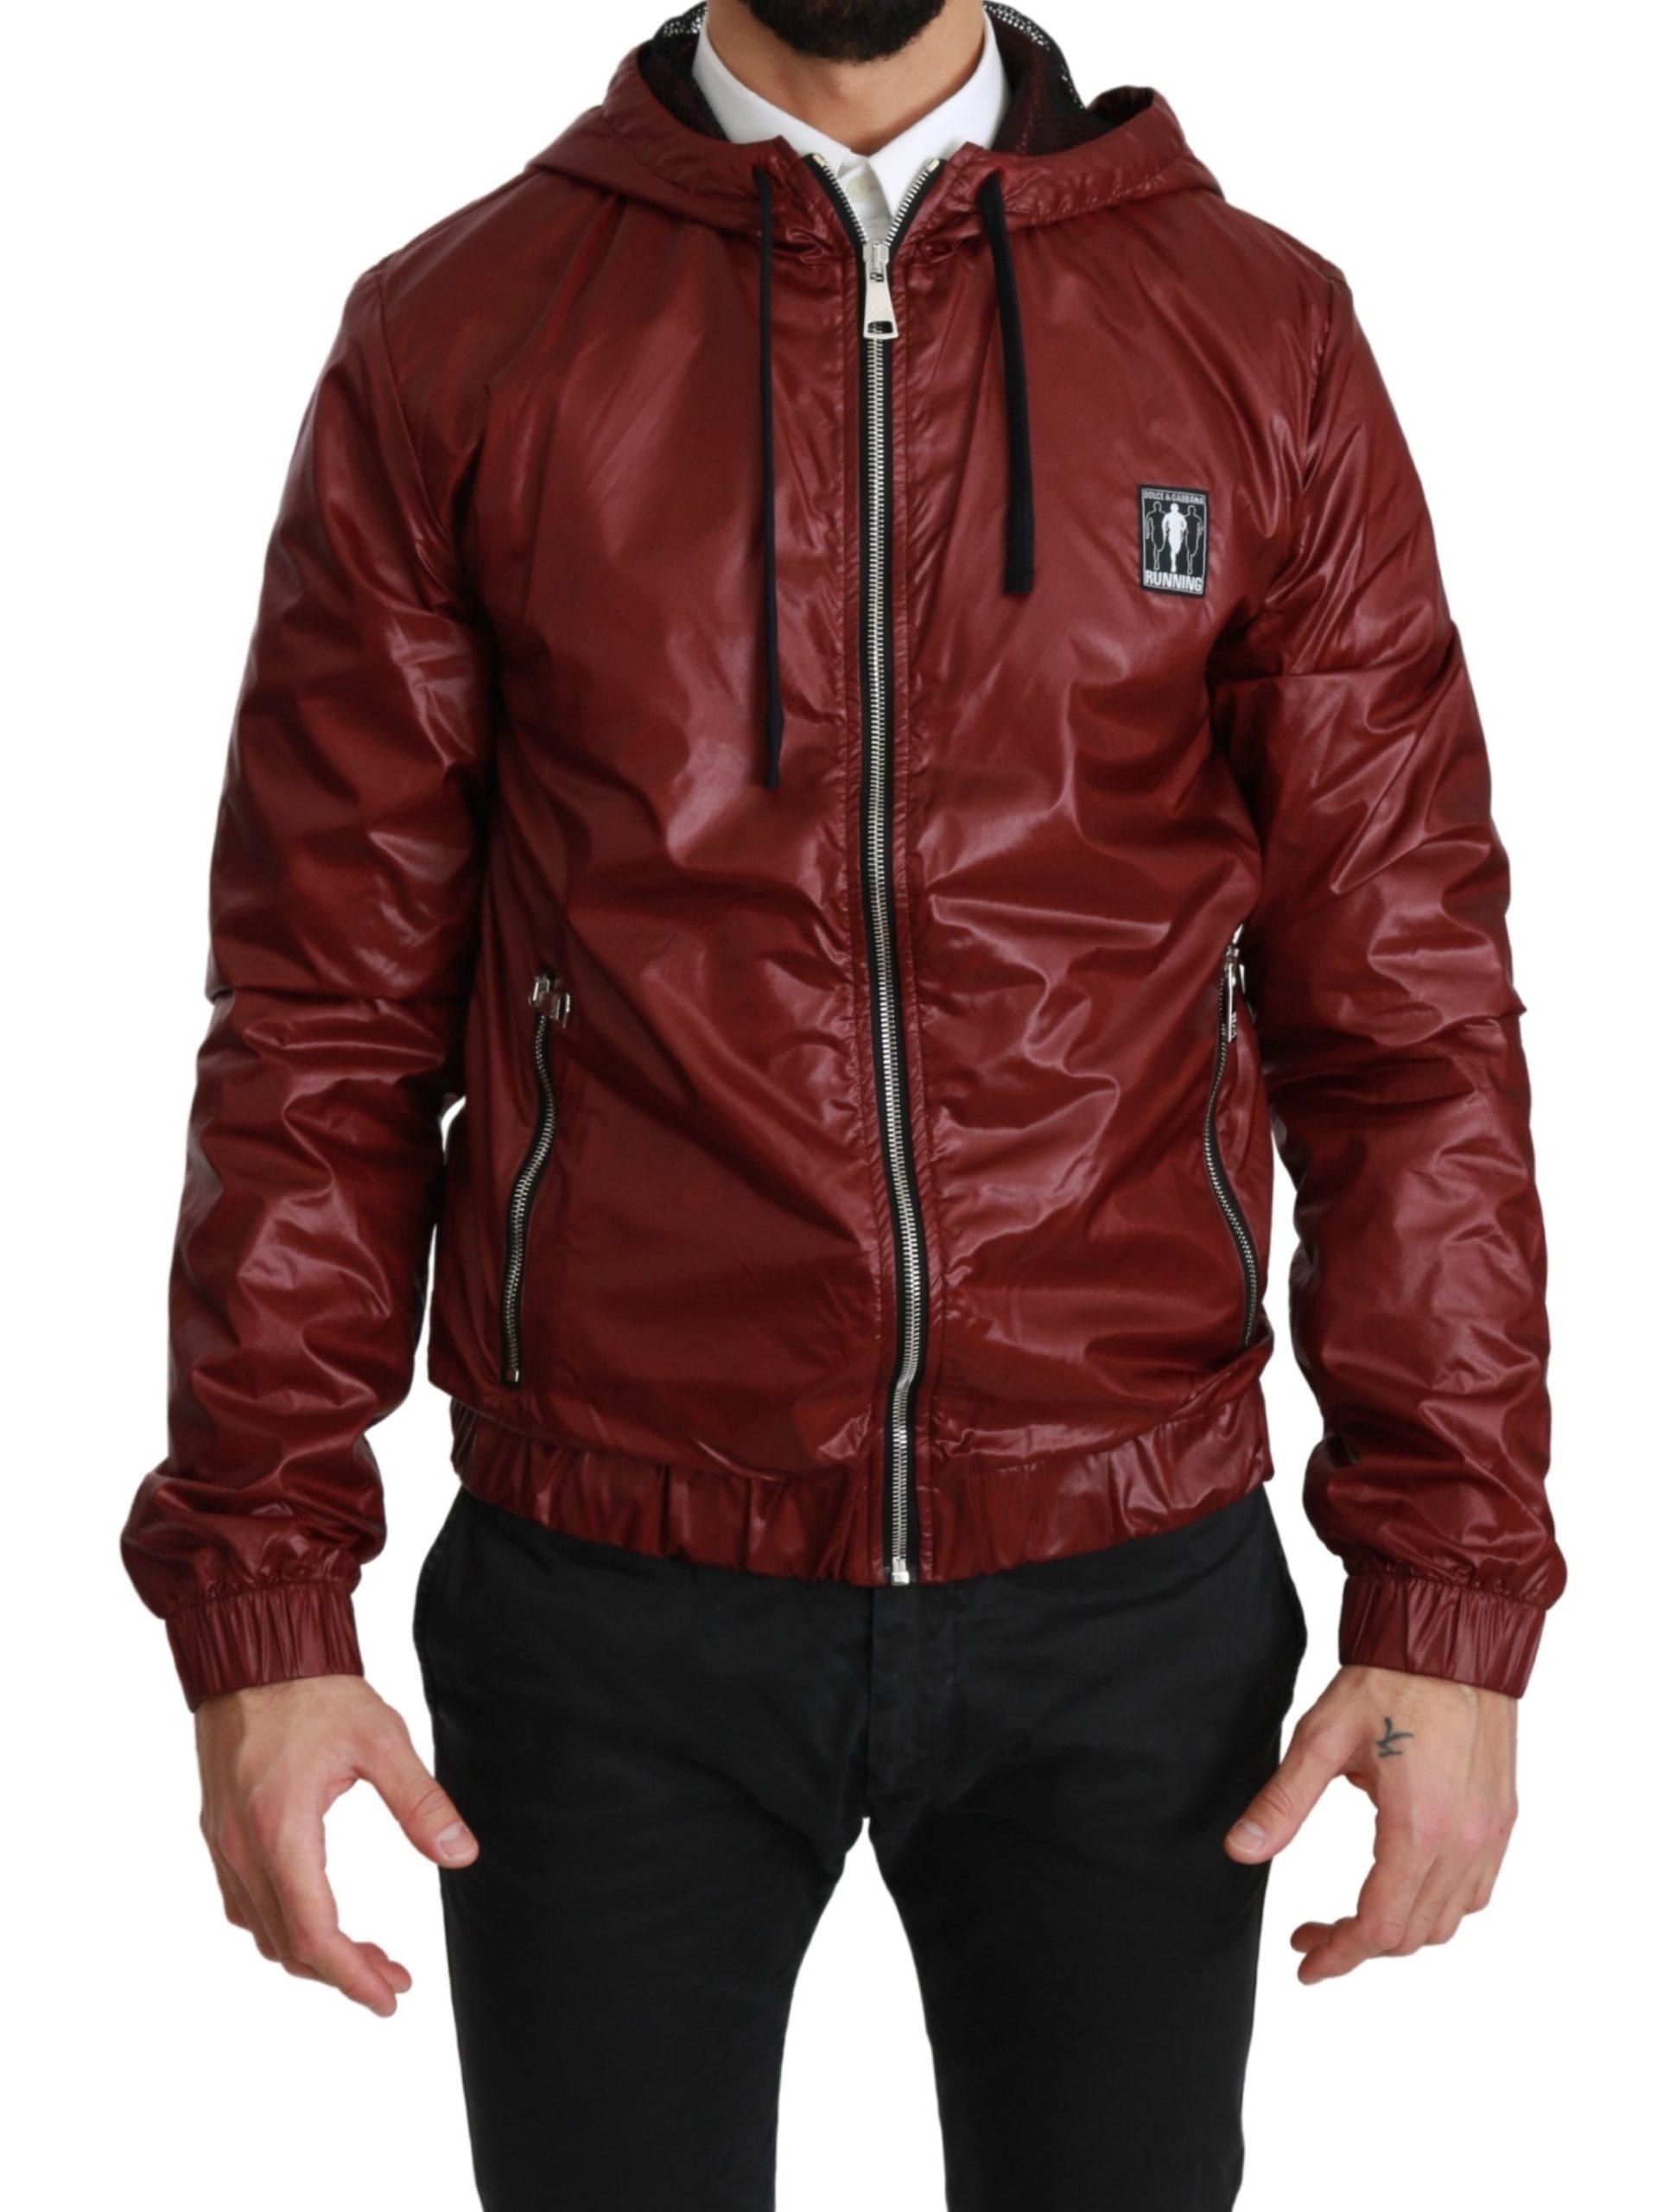 Dolce & Gabbana Men's DG Running Zipper Hooded Sweater Red JKT2549 - IT44 | XS